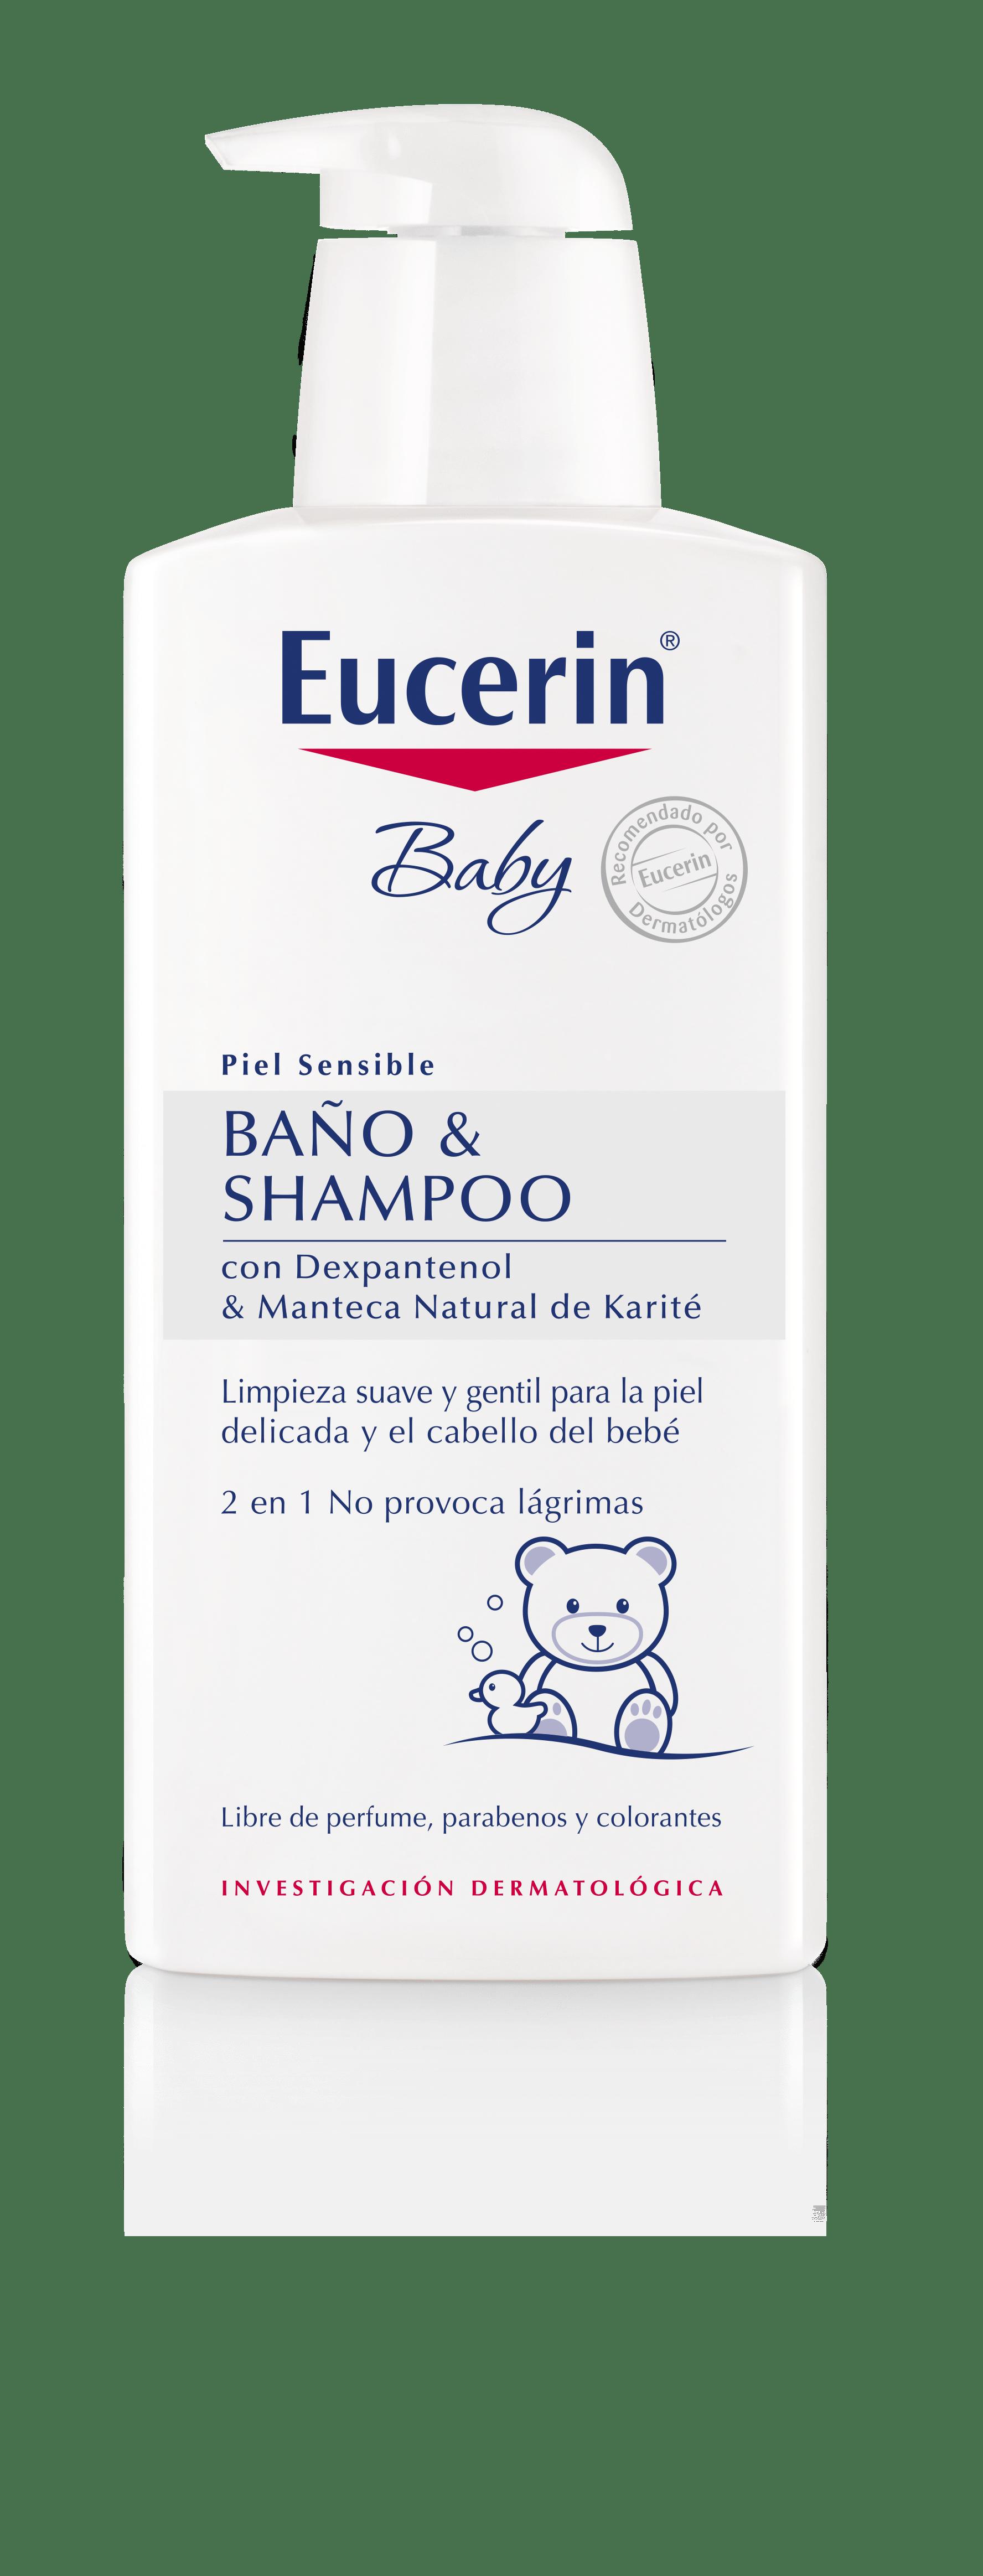 Eucerin ph5 baby ba o y shampoo limpieza de piel y cabello delicados - Eucerin gel de bano ...